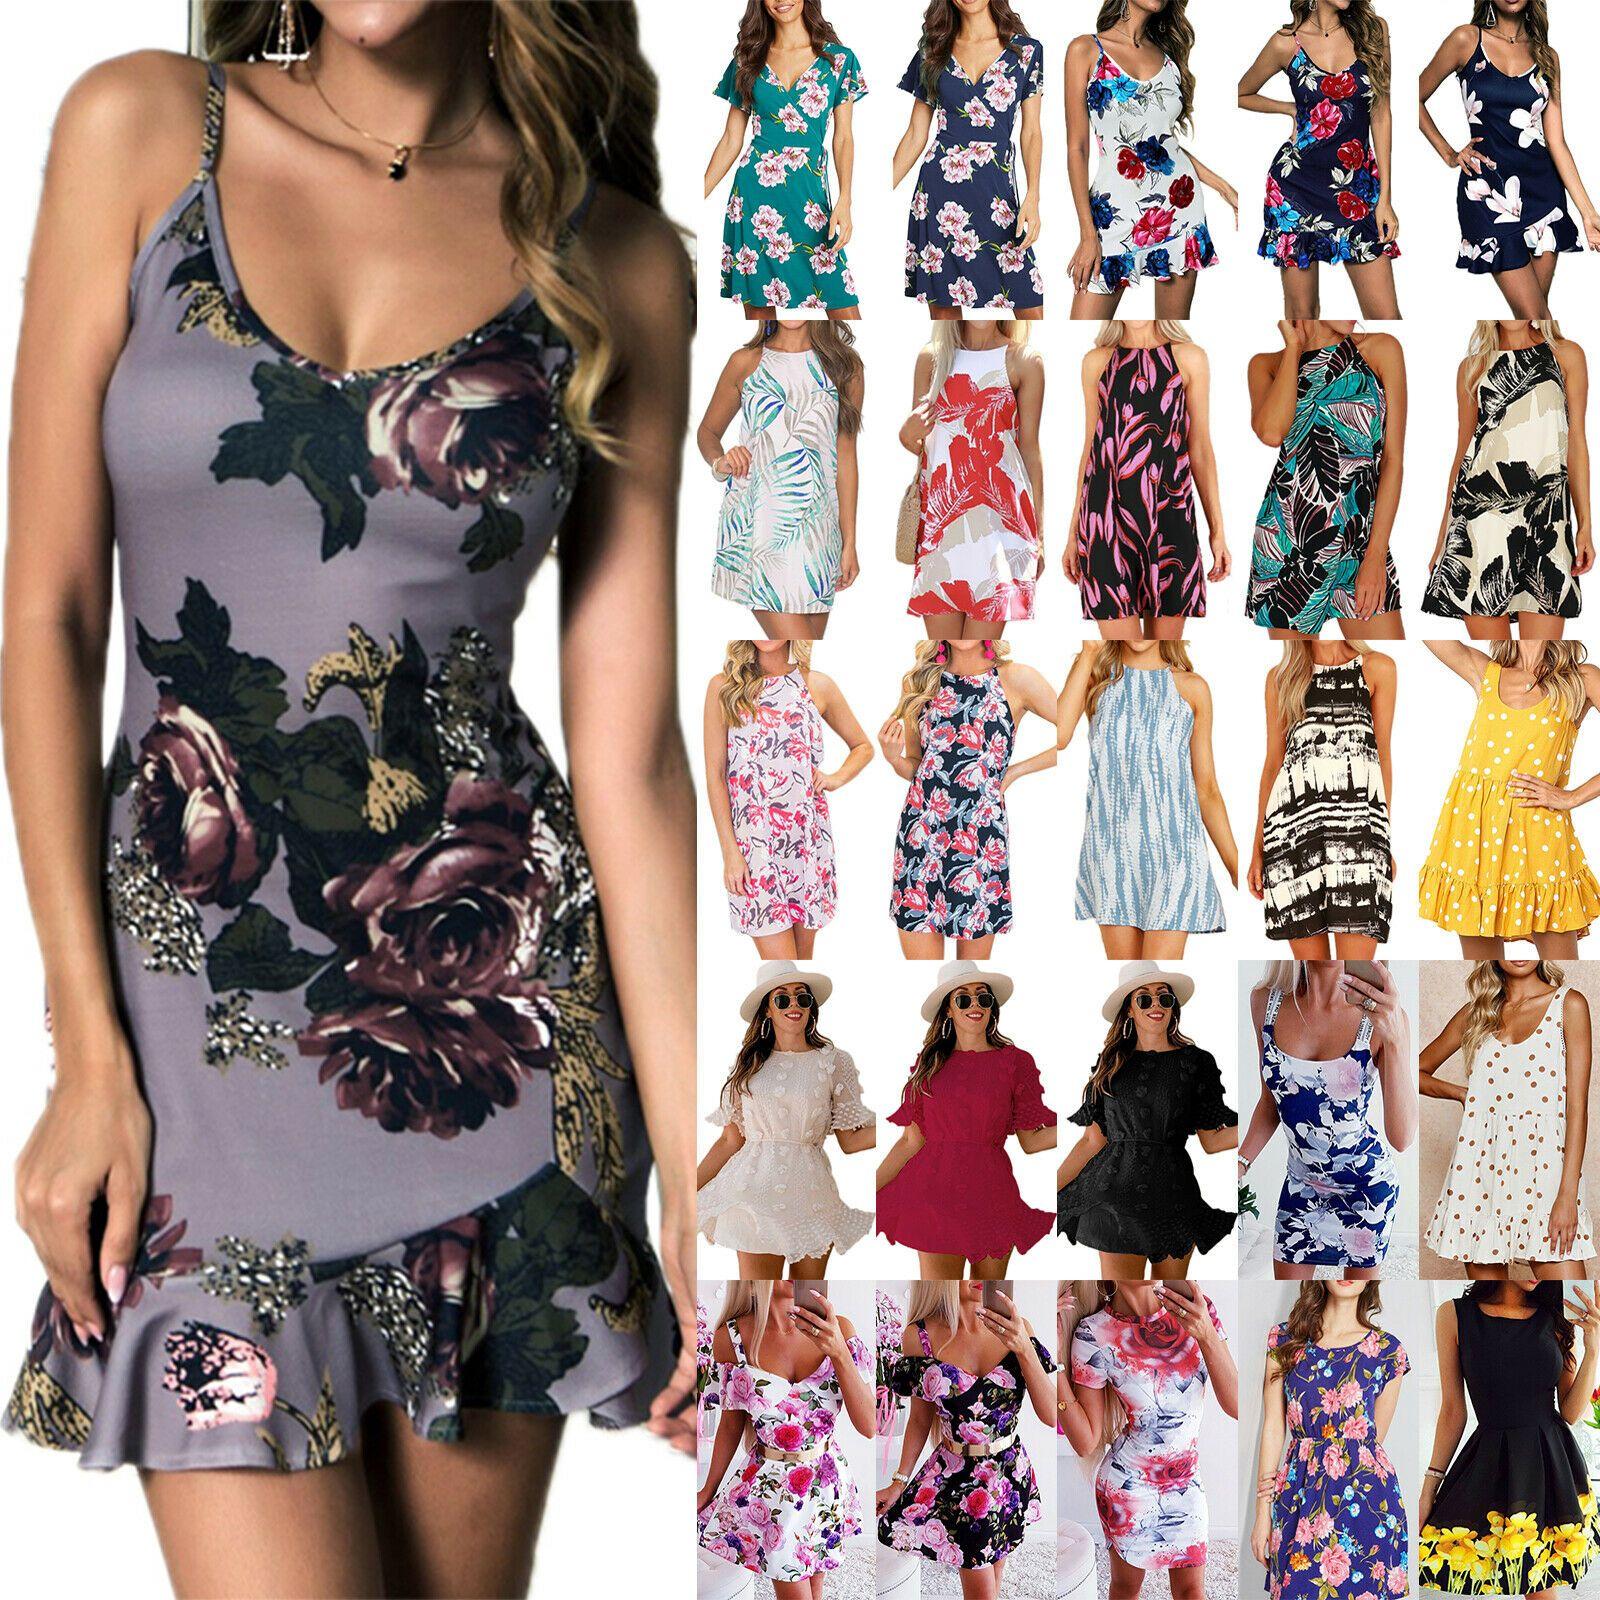 reputable site d545a 1bf47 Damen Boho Minikleid Sommerkleid Partykleid Blumen Kleid ...